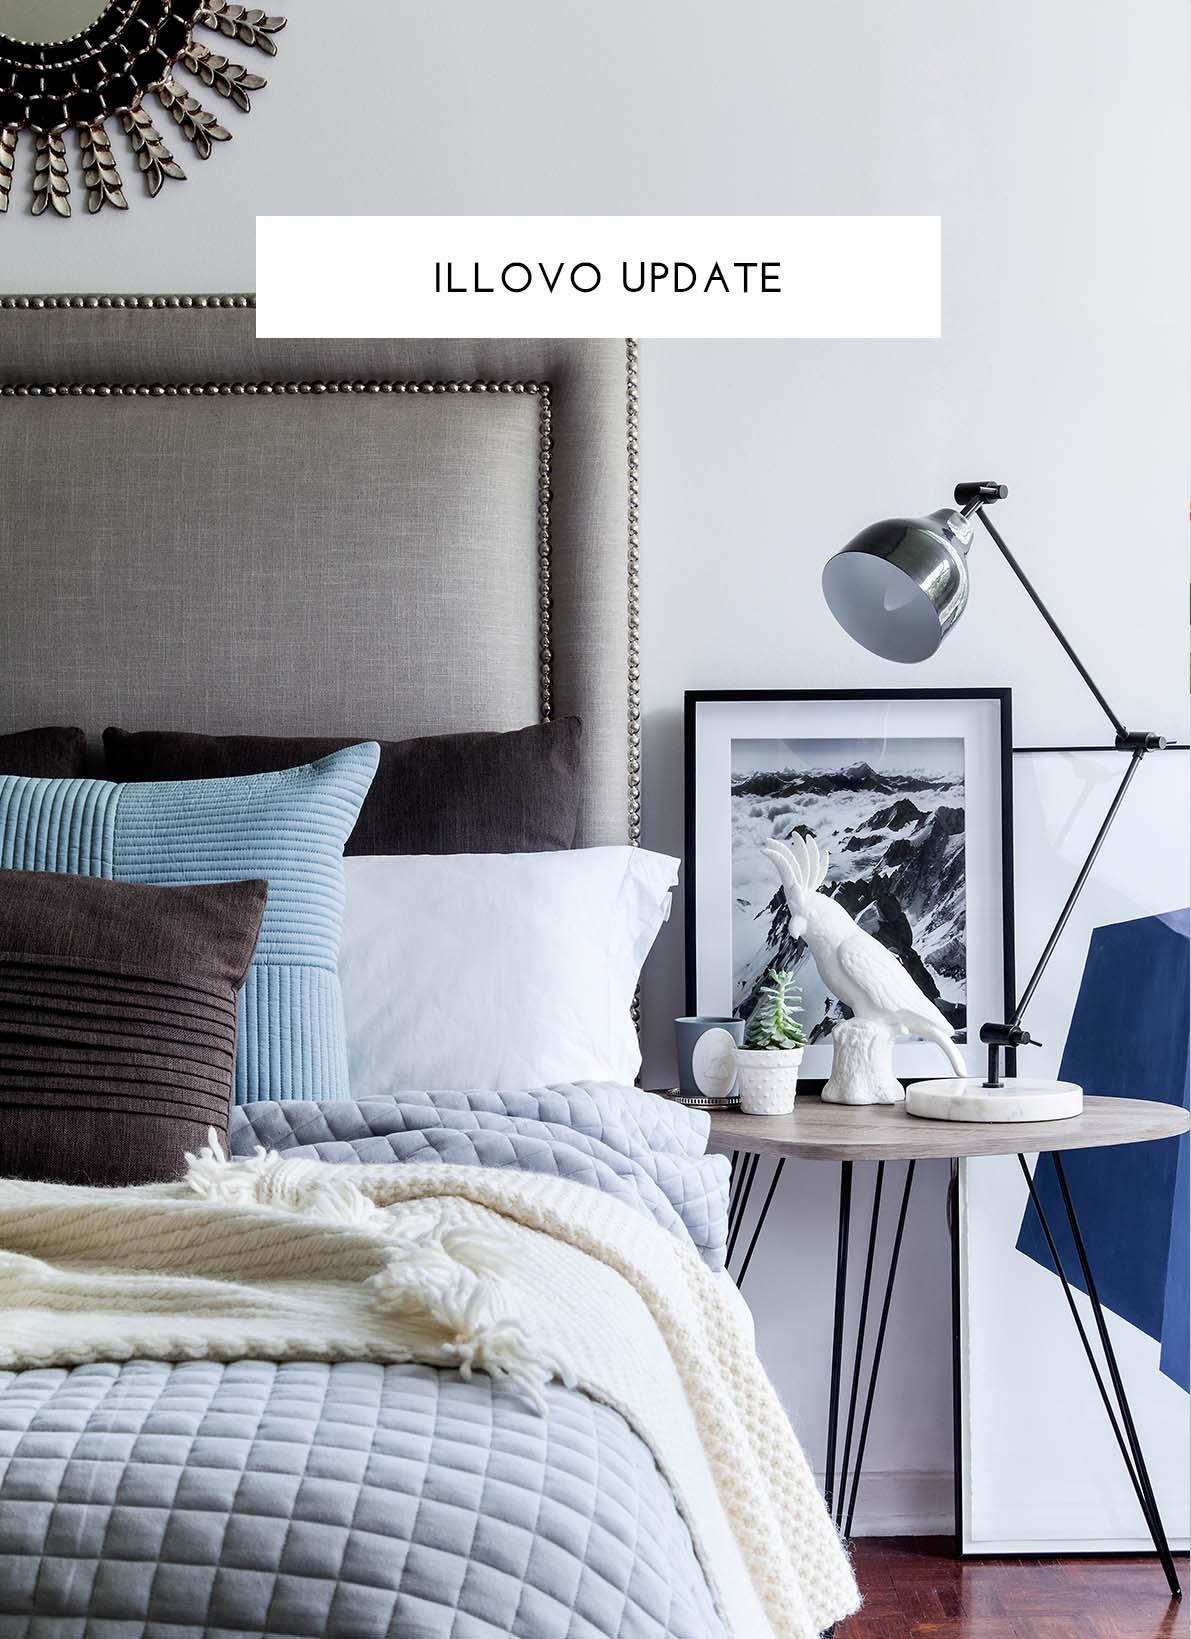 Illovo update.jpg